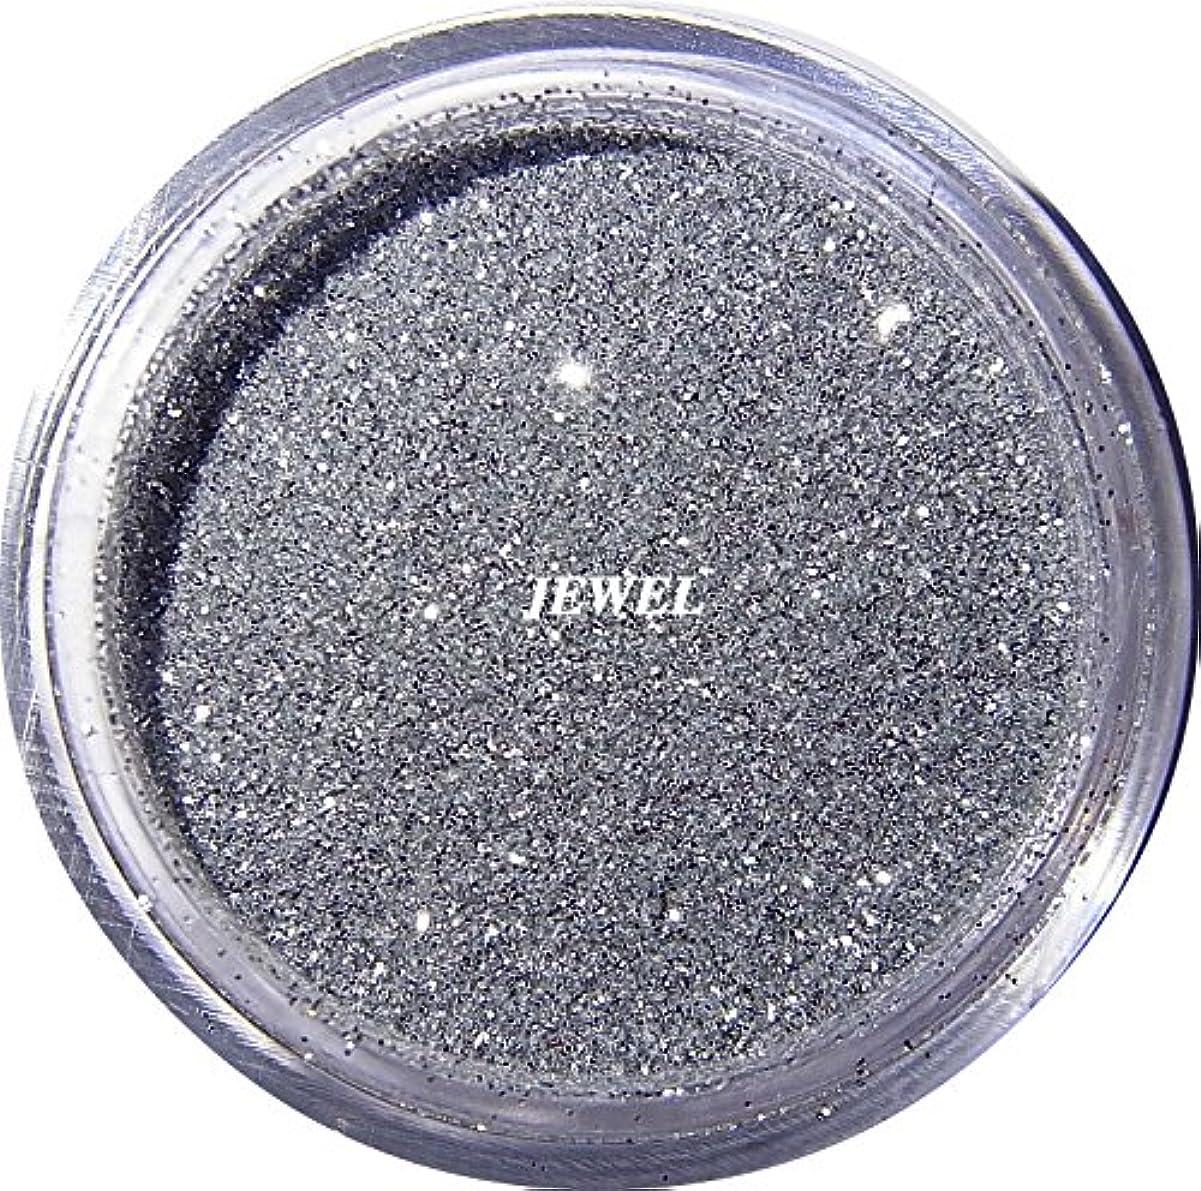 まだらお母さん混合した【jewel】 超微粒子ラメパウダー(銀/シルバー) 256/1サイズ 2g入り レジン&ネイル用 グリッター